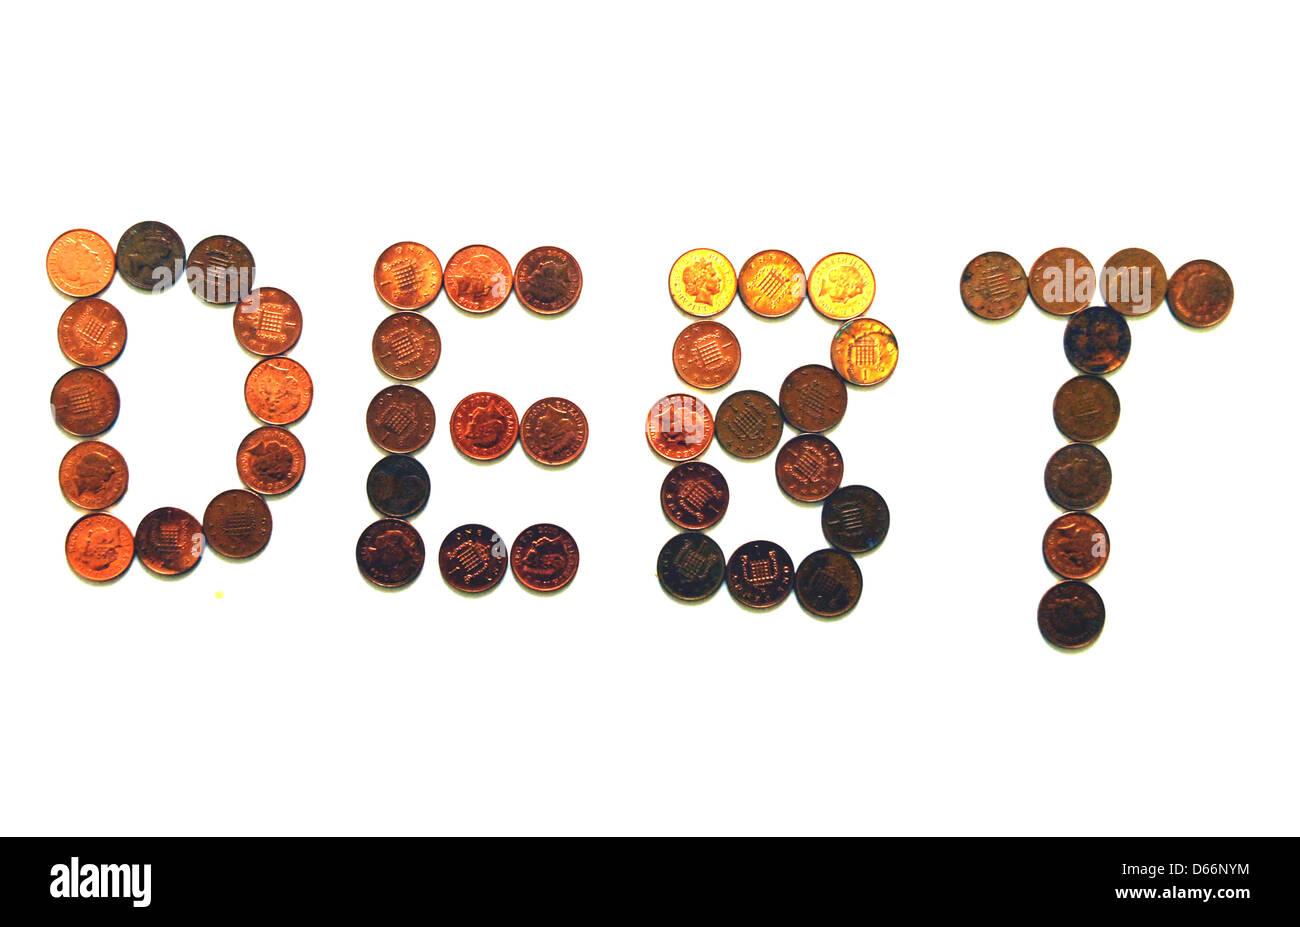 Debt spelt in pennies. - Stock Image